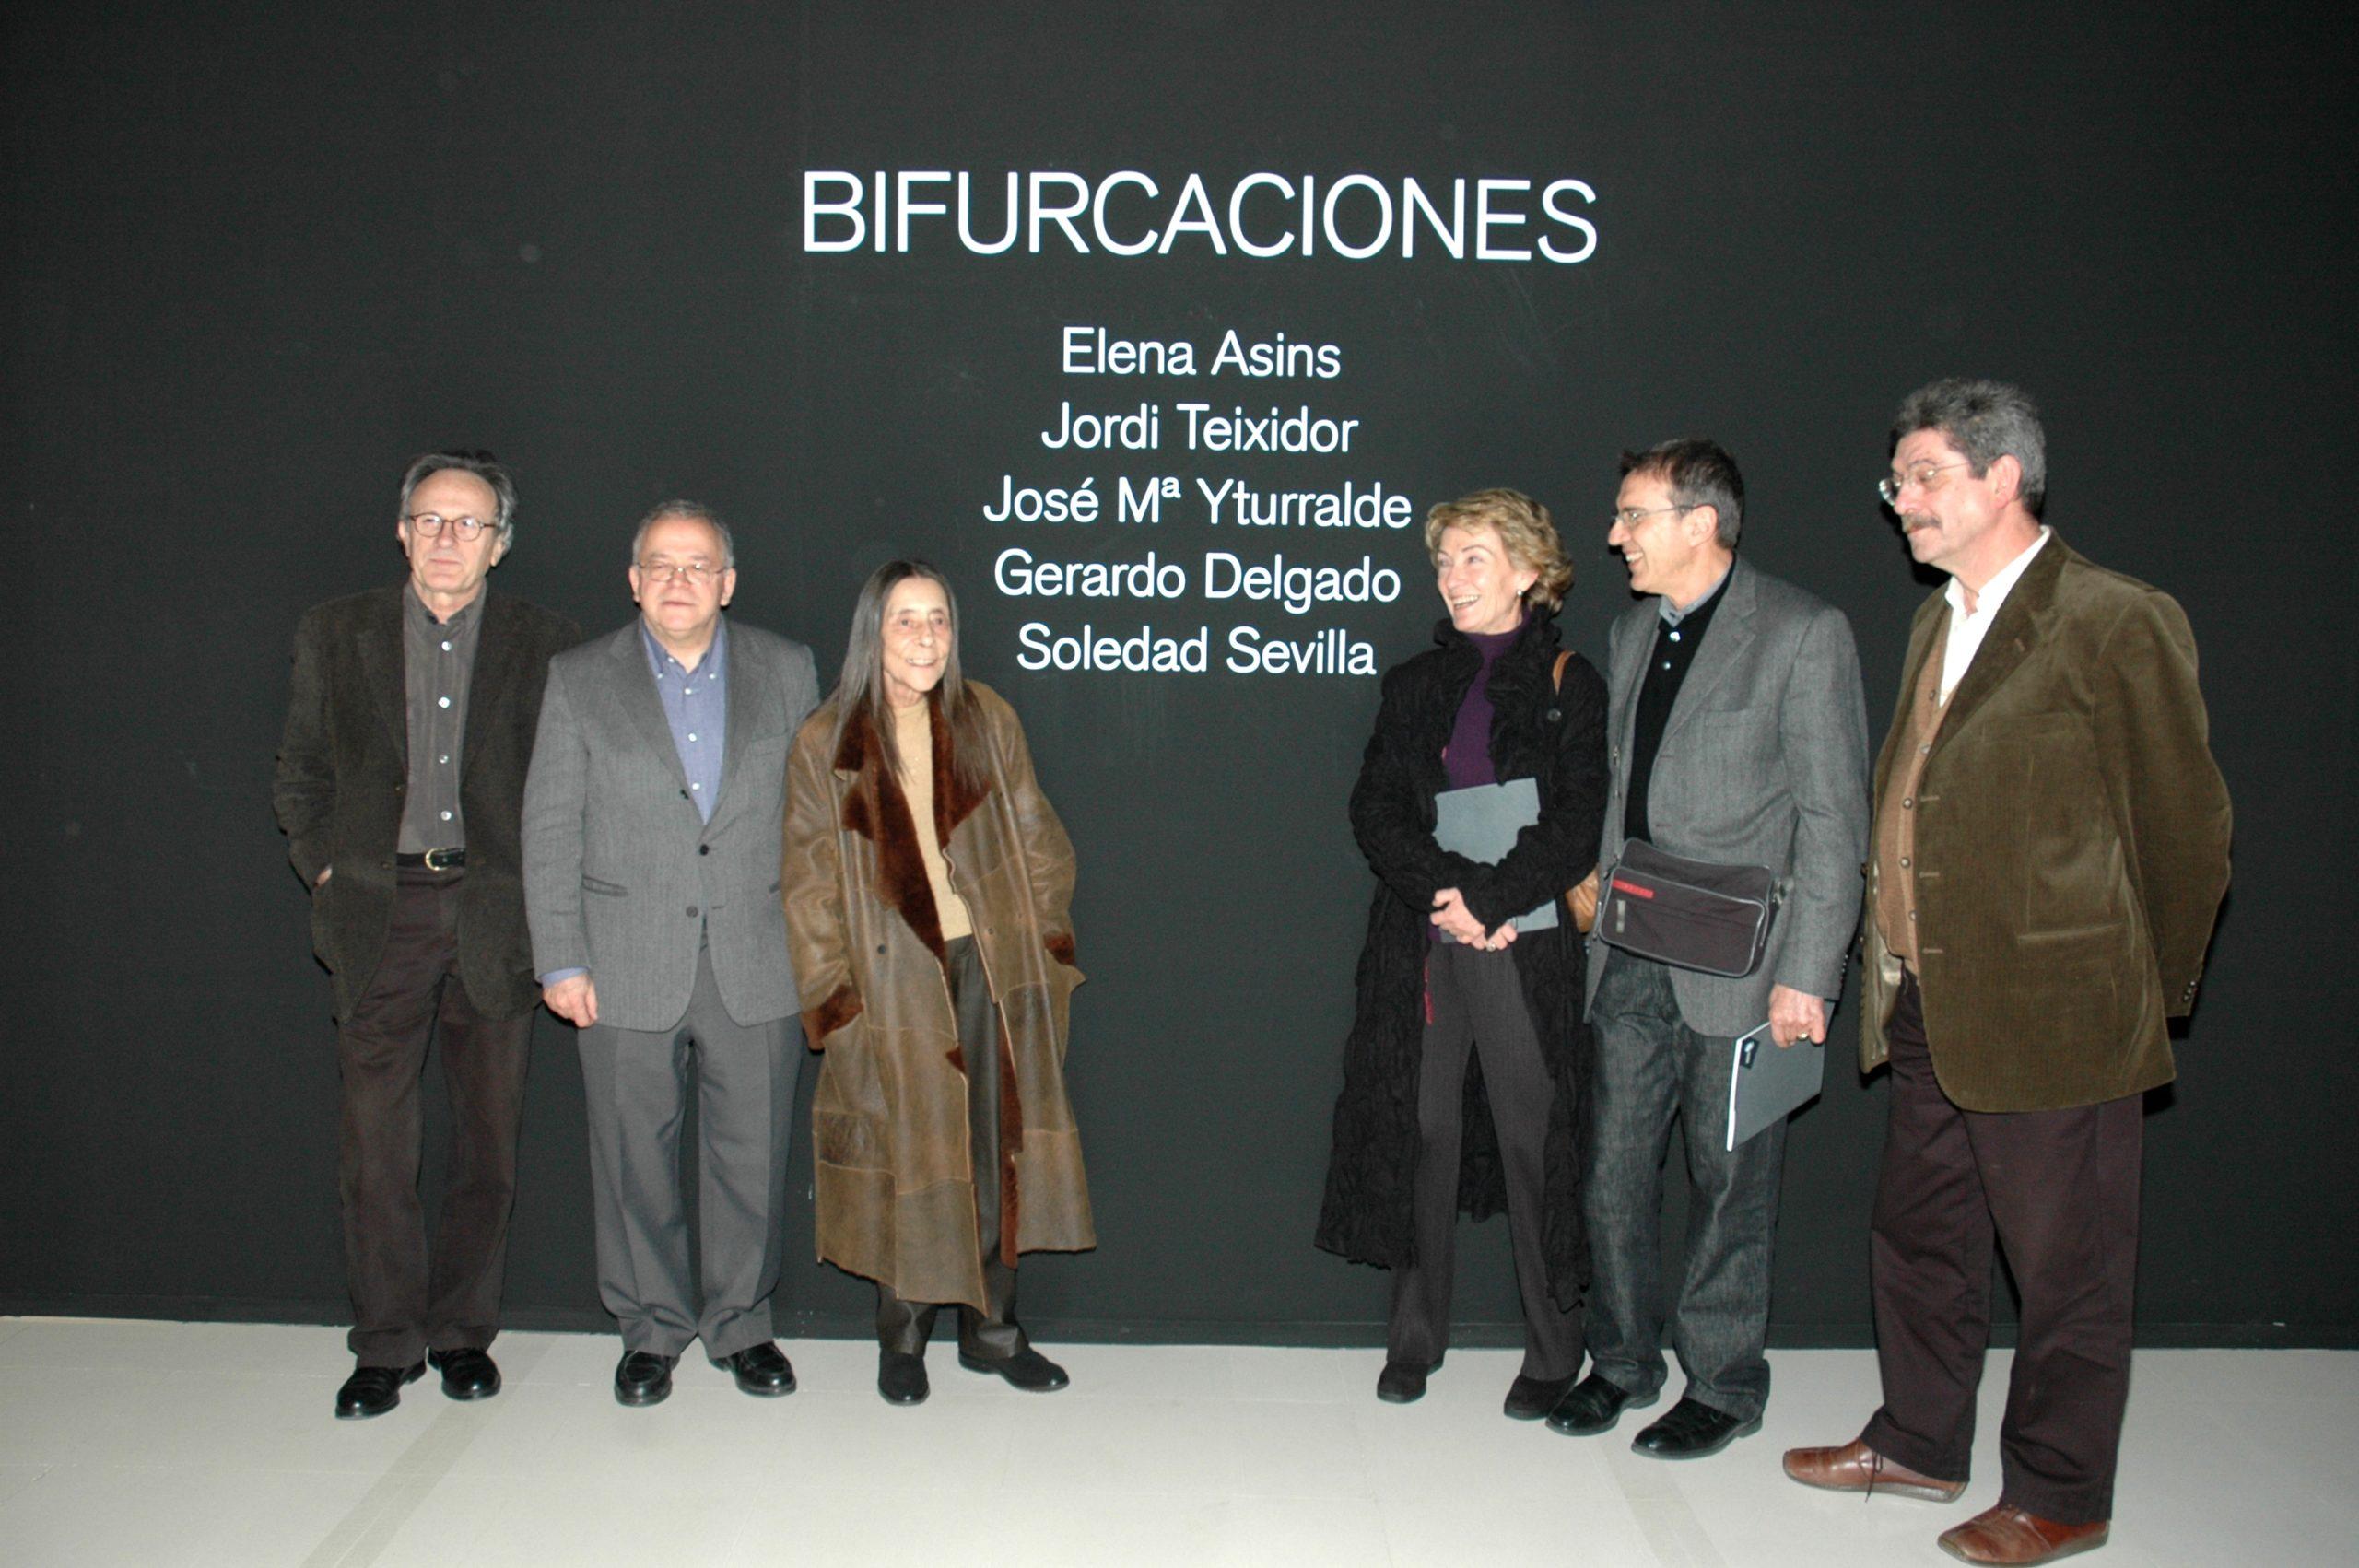 BIFURCACIONES